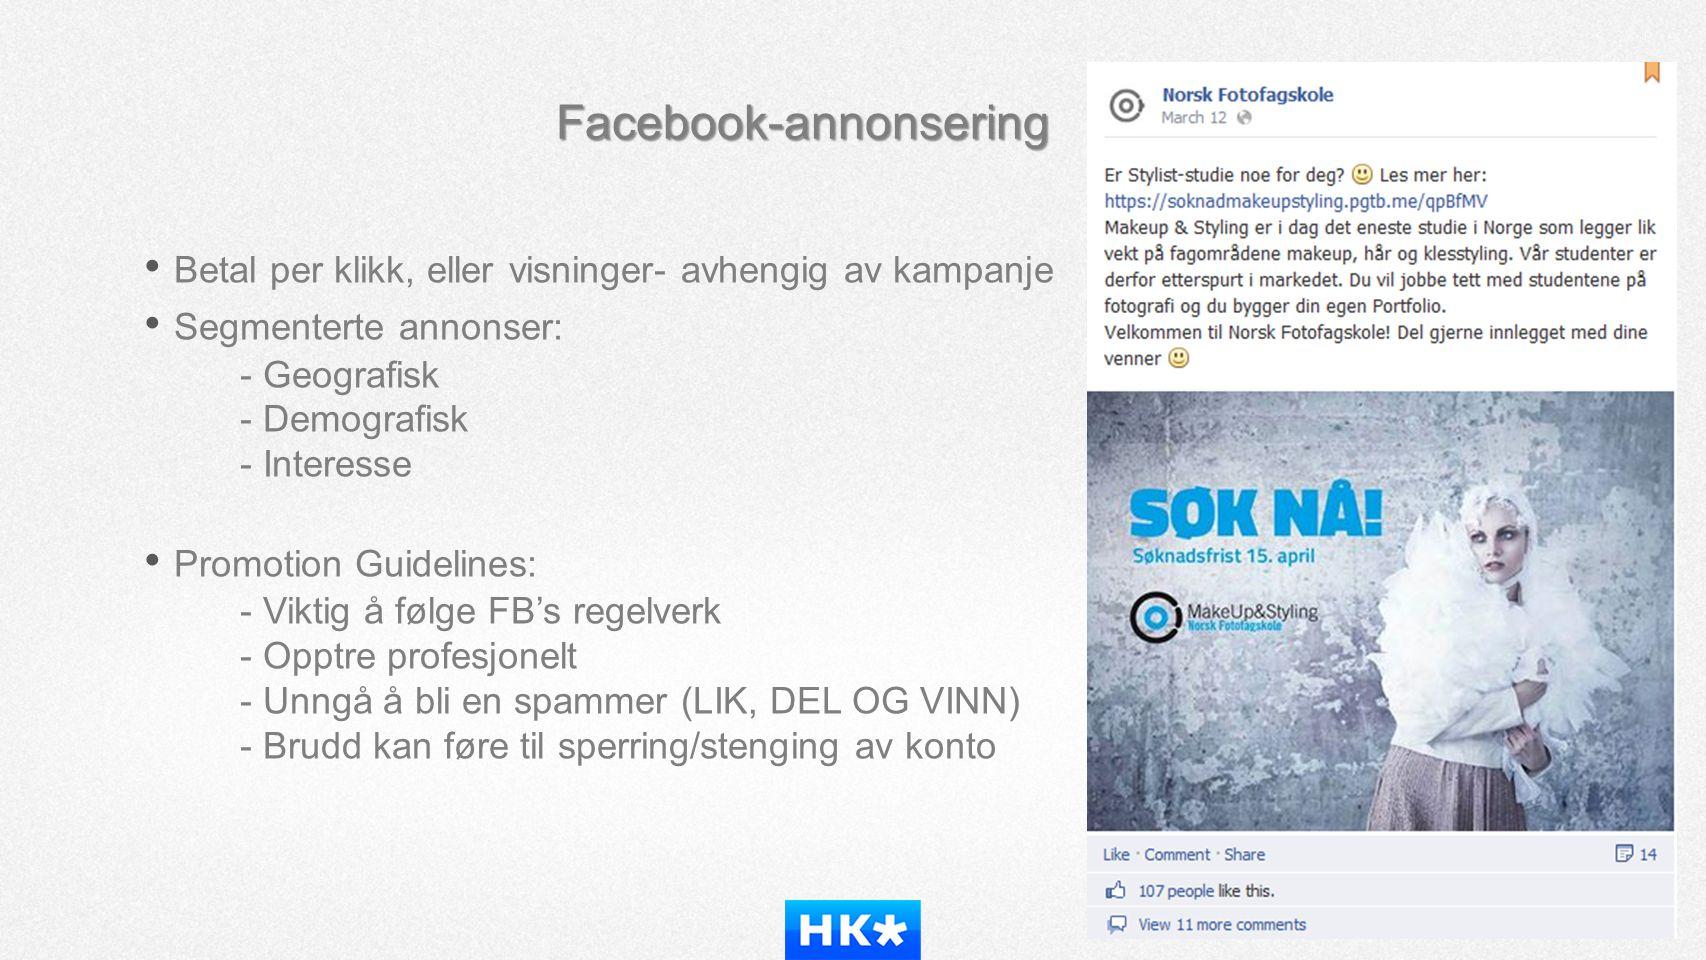 Facebook-annonsering • Betal per klikk, eller visninger- avhengig av kampanje • Segmenterte annonser: - Geografisk - Demografisk - Interesse • Promoti